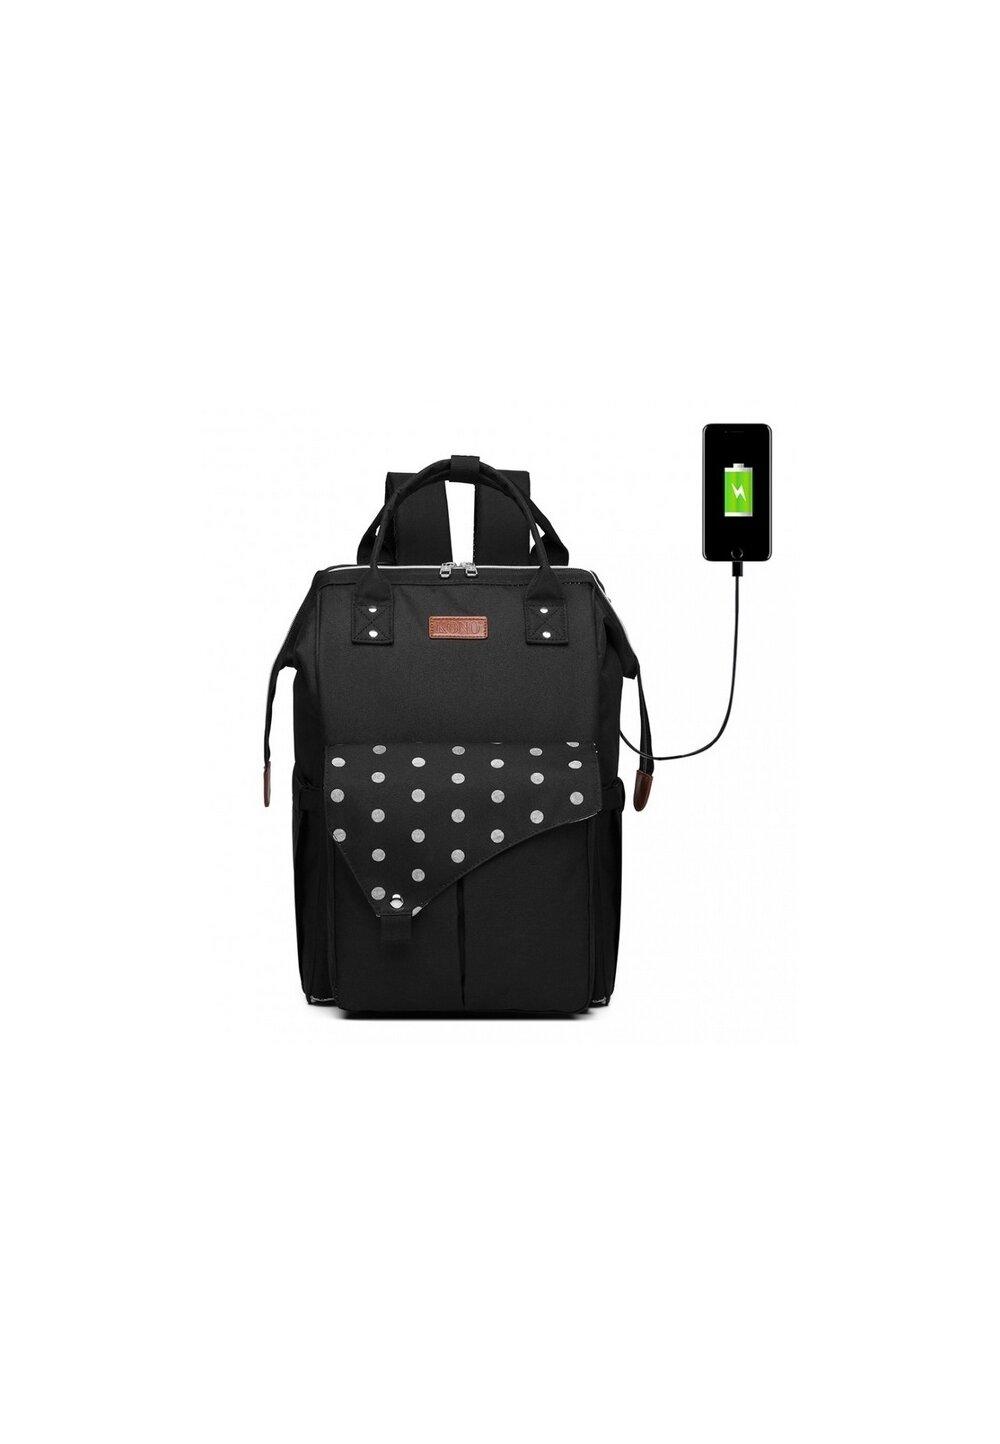 Rucsac pentru mamici, cu mufa USB, negru cu buline mari imagine